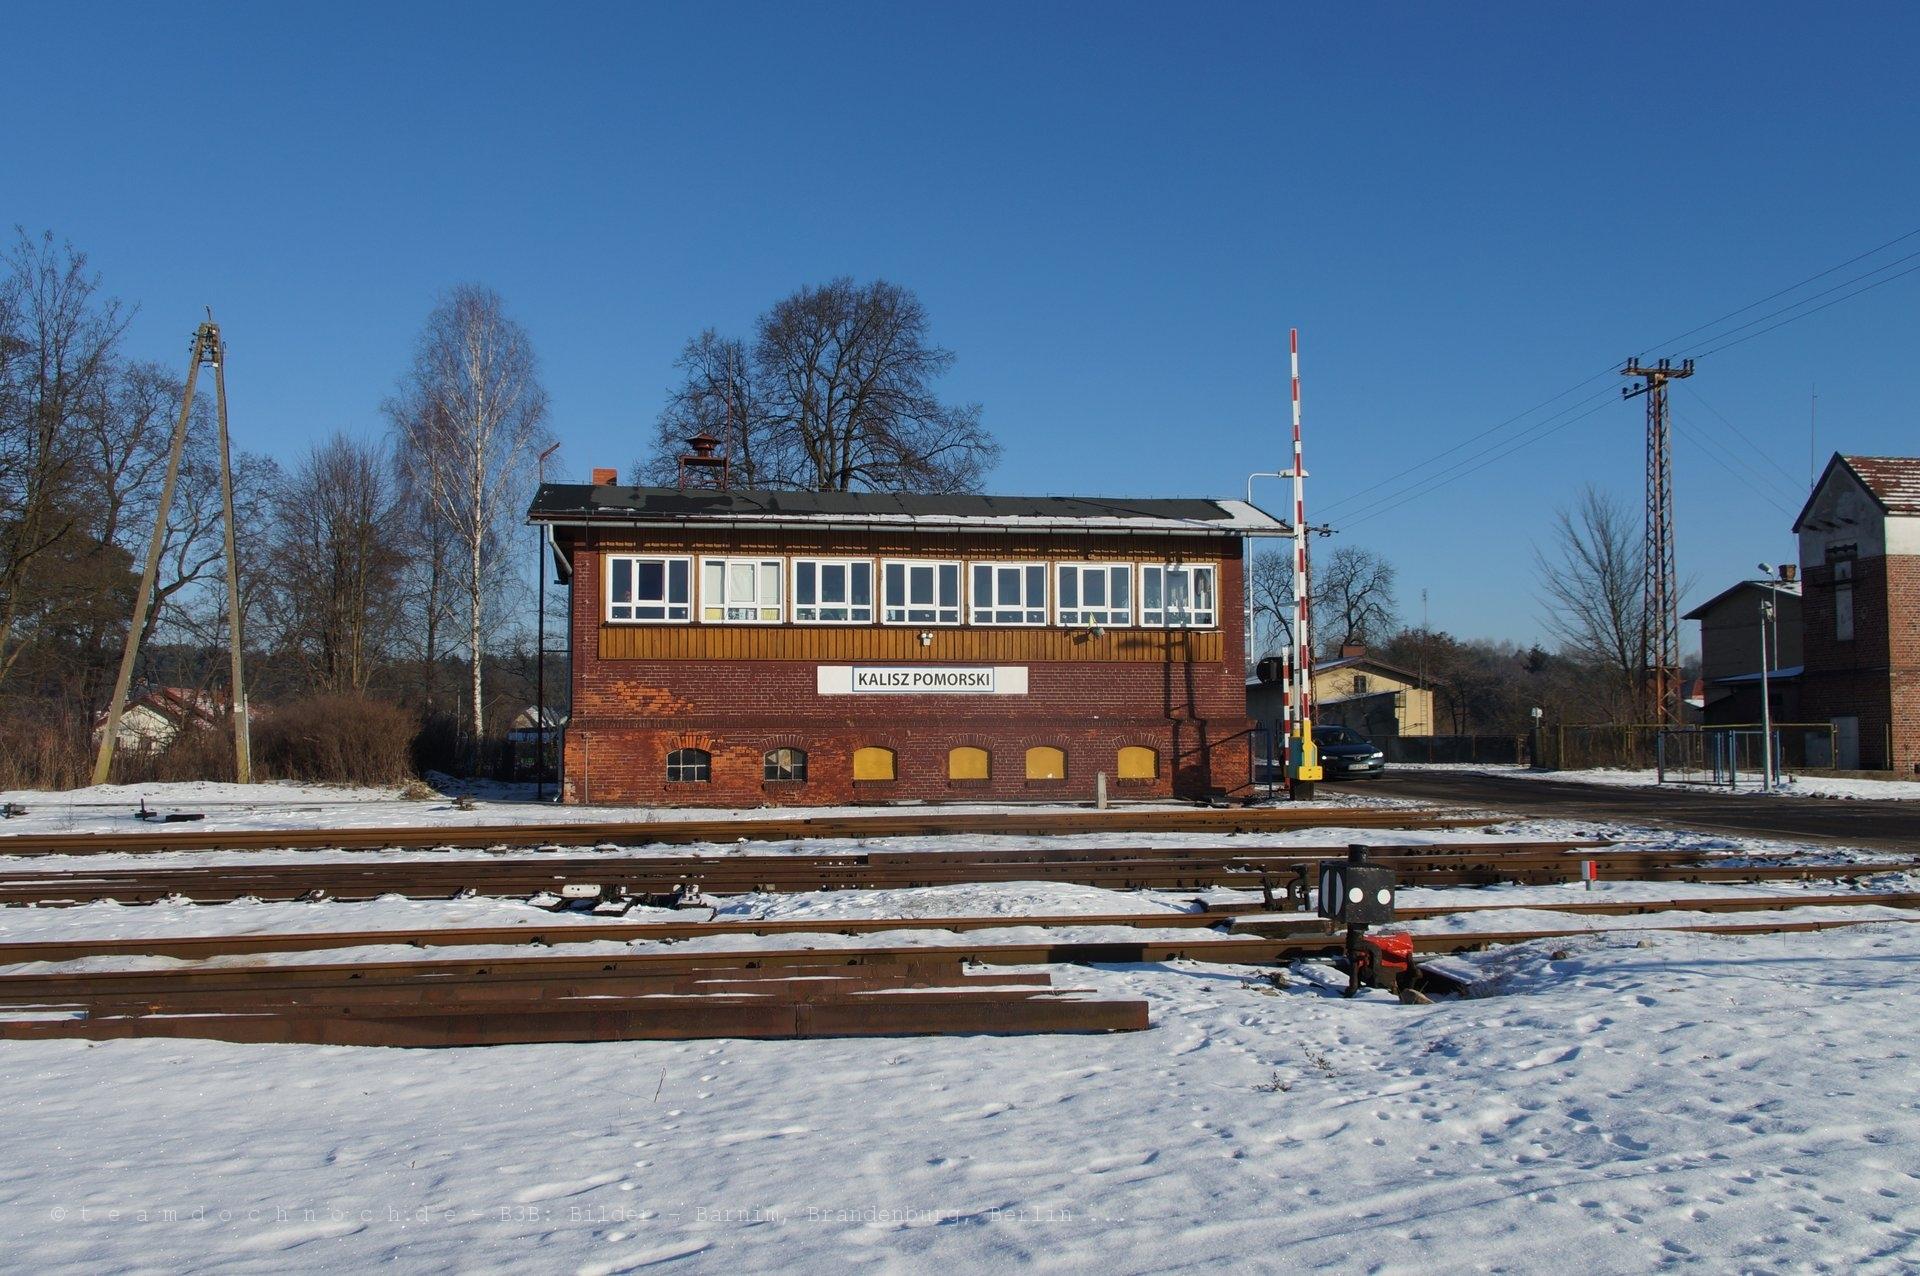 Stellwerk in Kalisz Pomorski